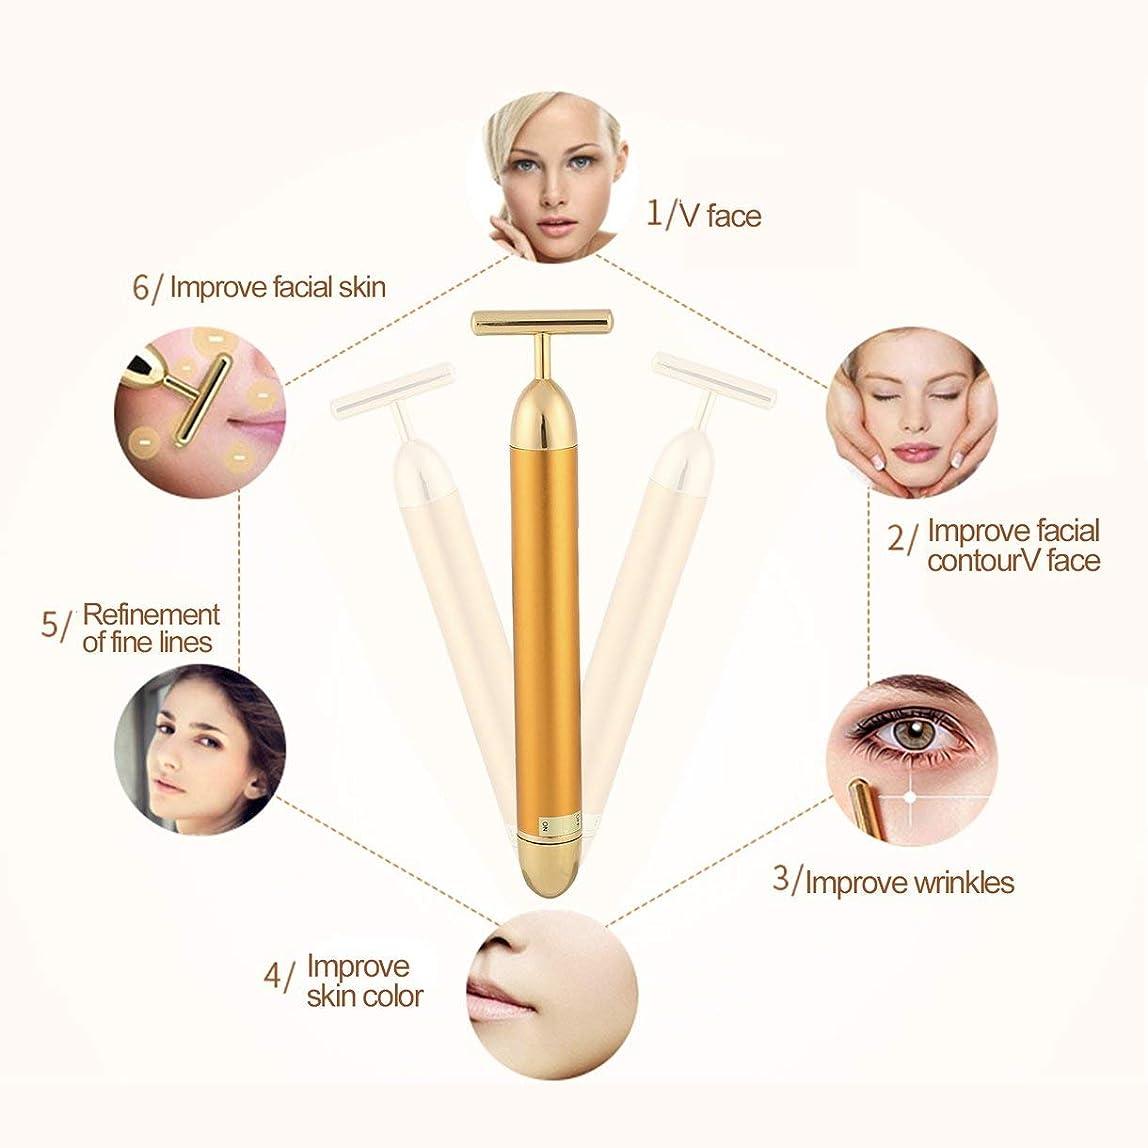 反応する異なる焦げEnergy Beauty Tool Facial Massager T Shape Facial Beauty Care Vibration Facial Beauty Massager Energy Vibrating Bar